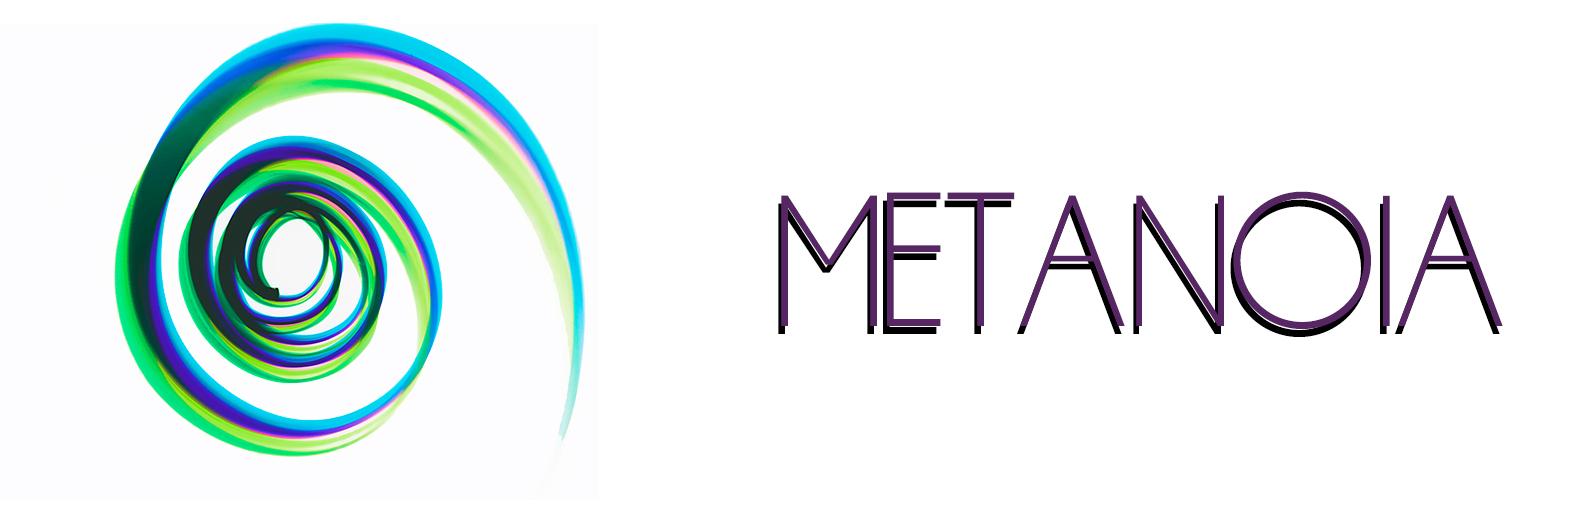 Metanoia